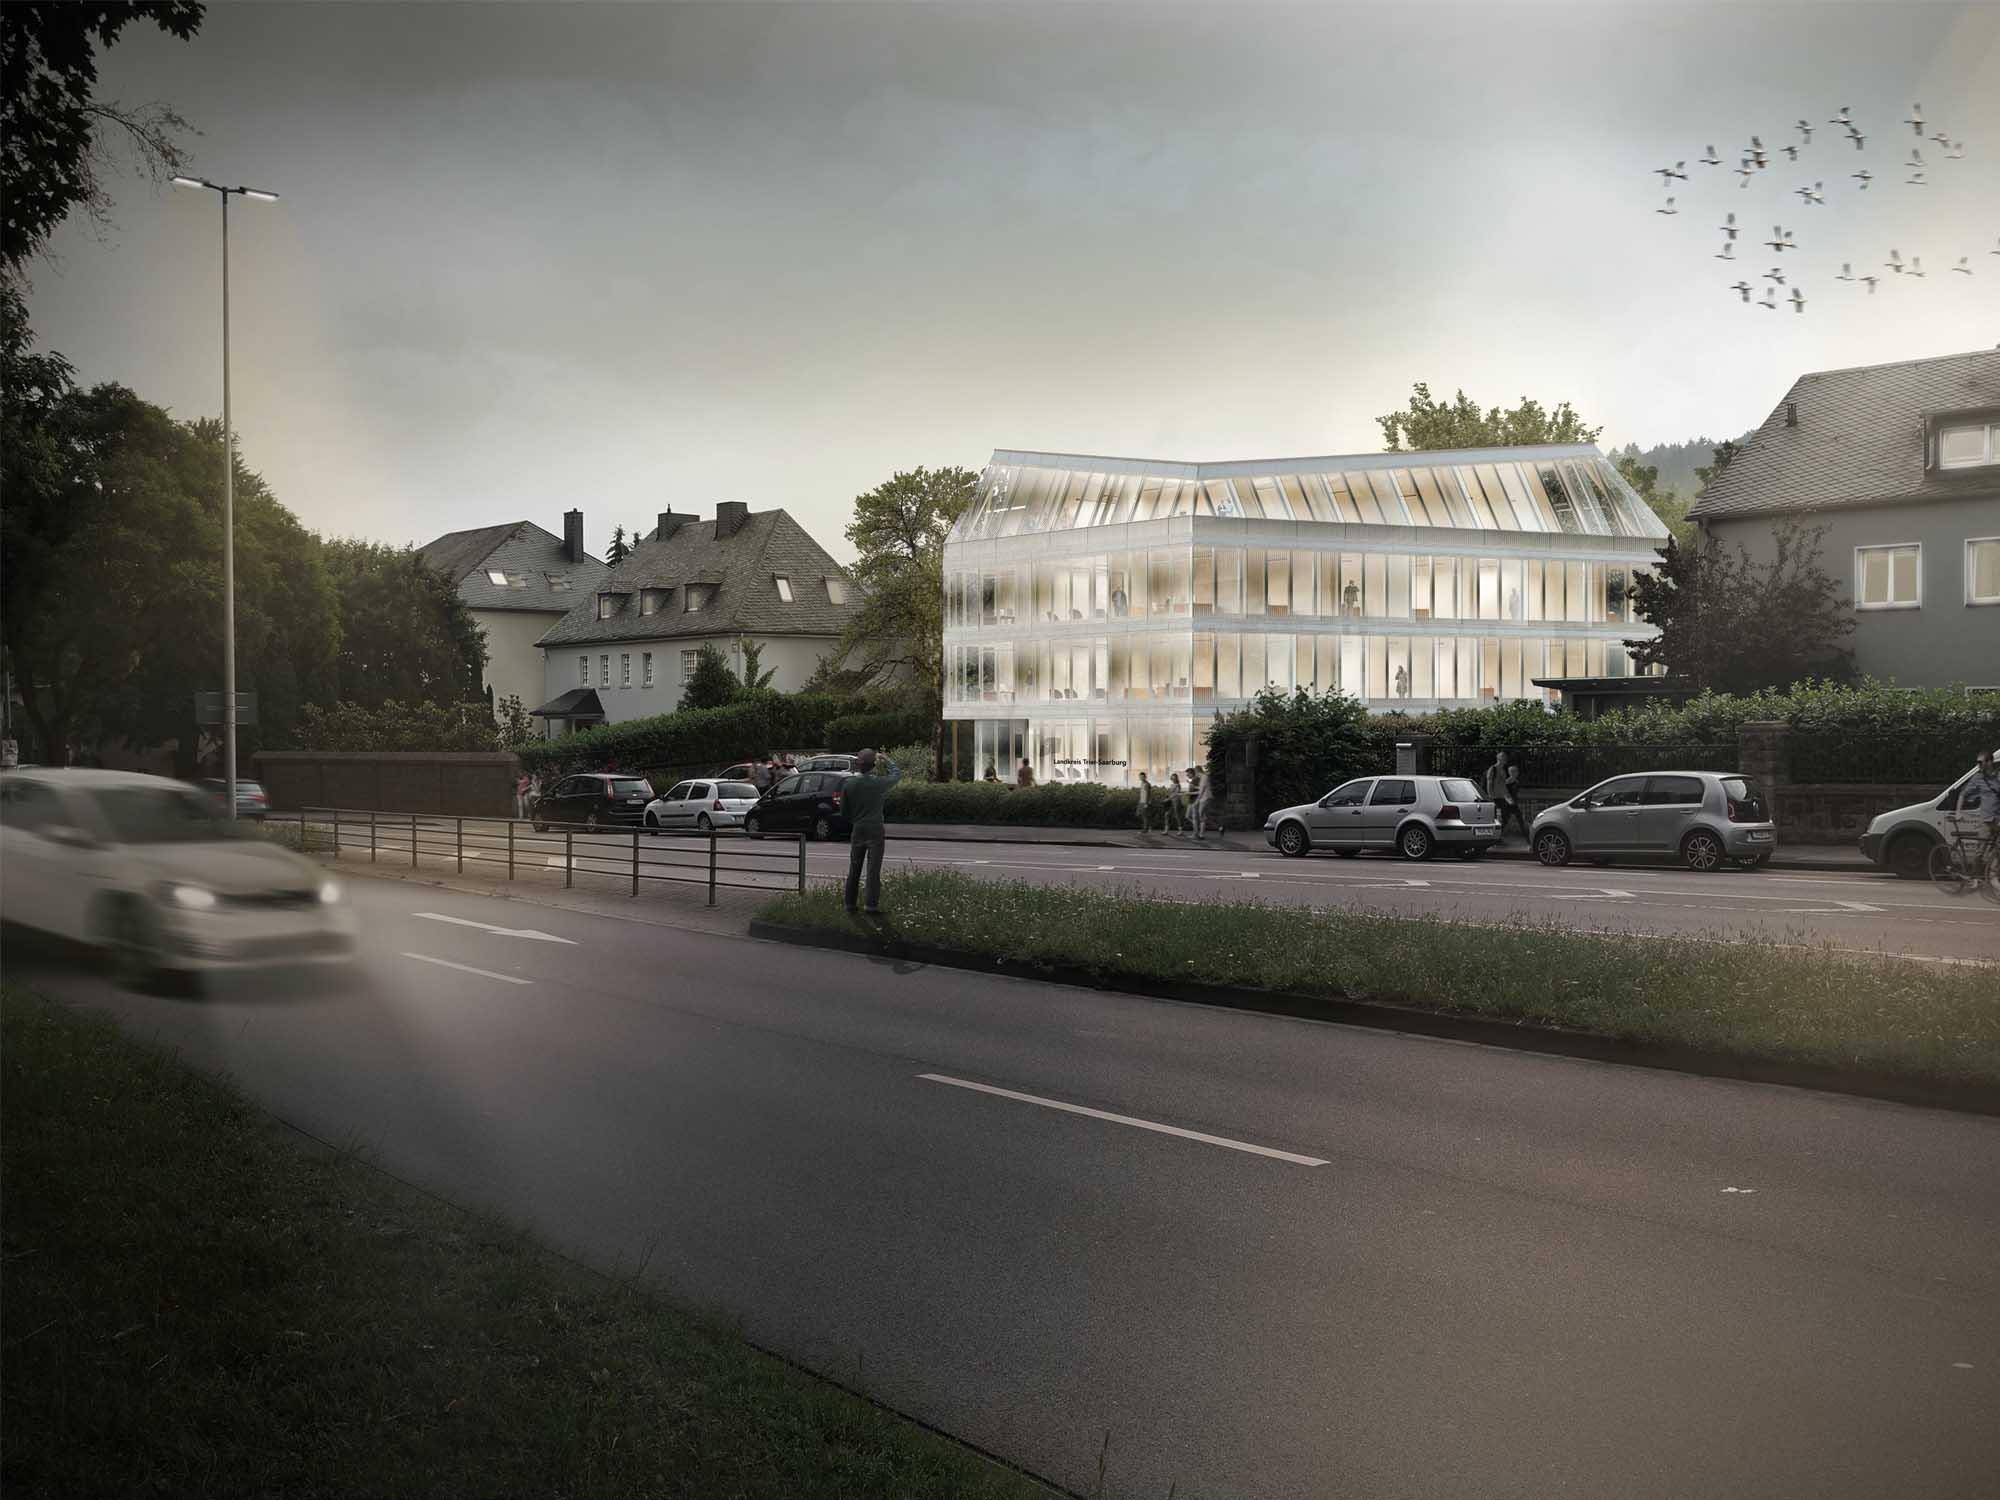 Neubau des Verwaltungsgebäudes Ostallee 71 in Trier